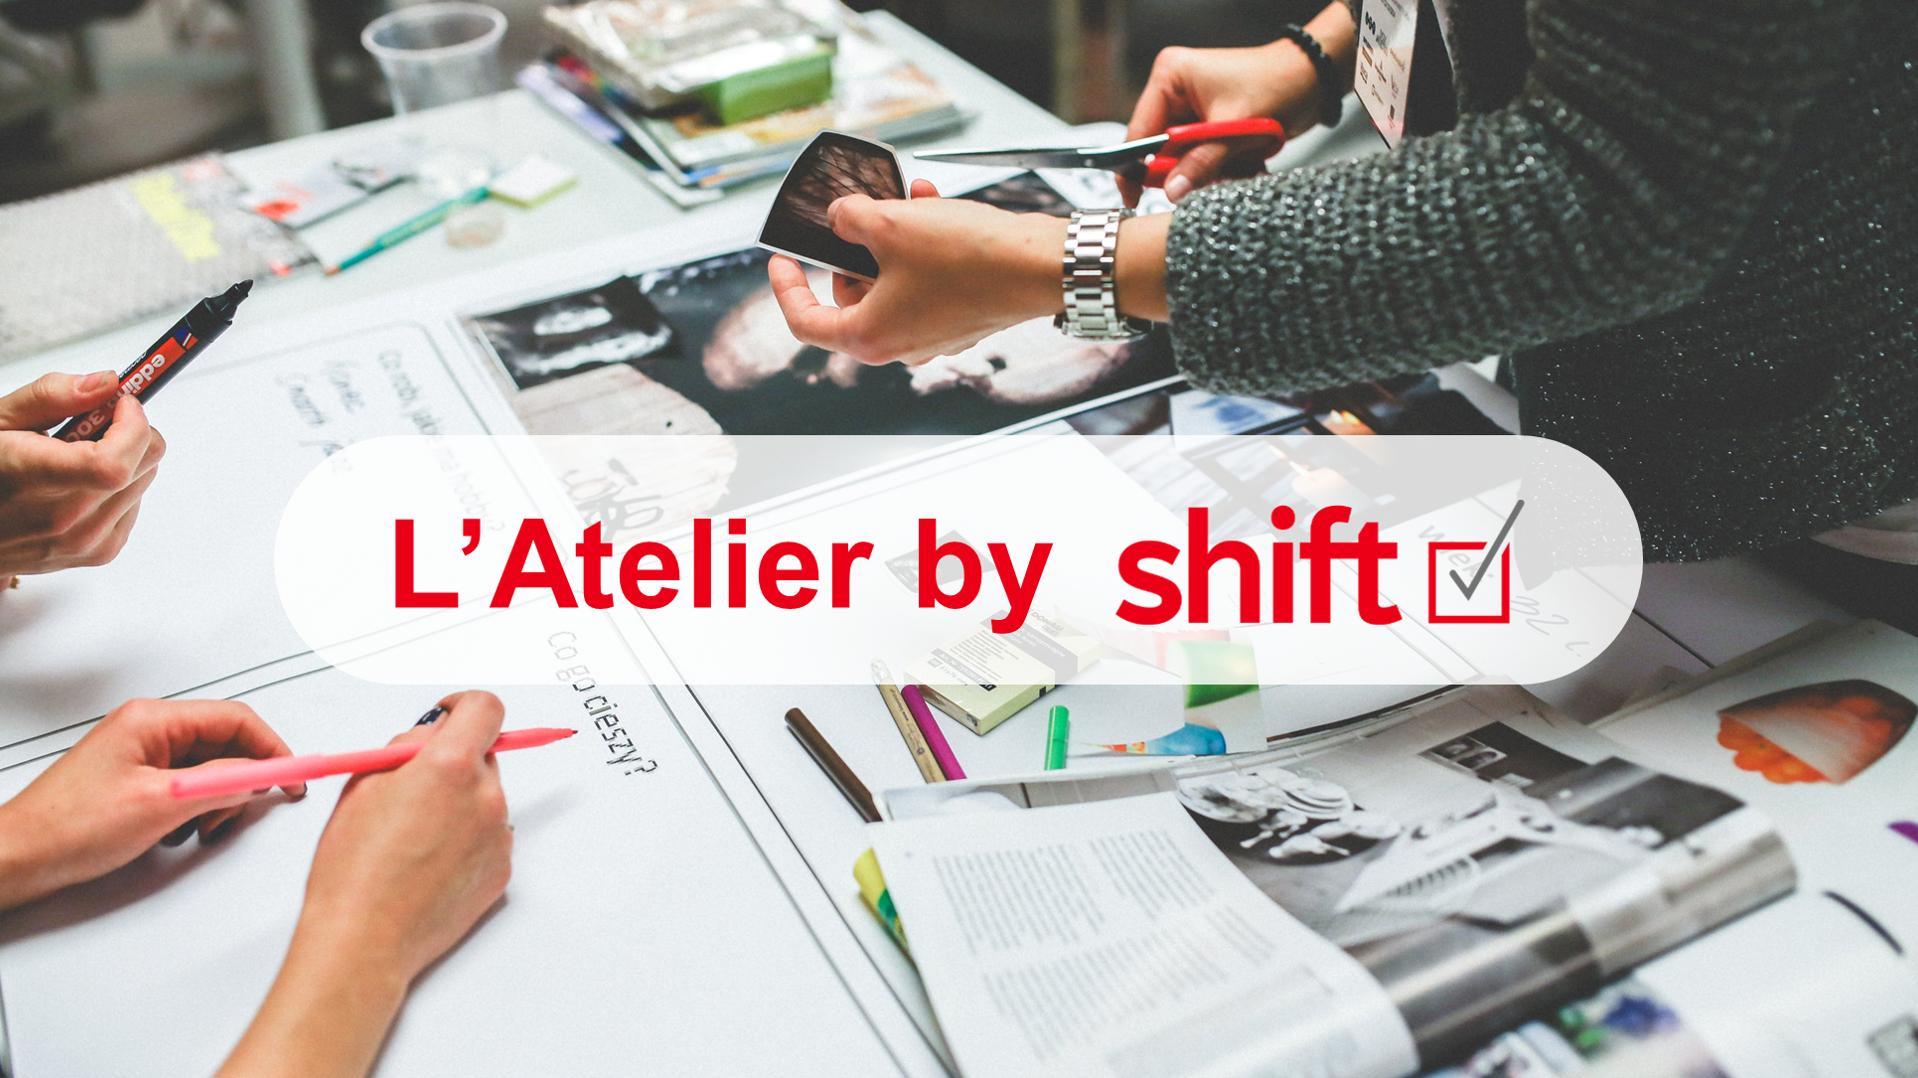 L'Atelier - by Shift